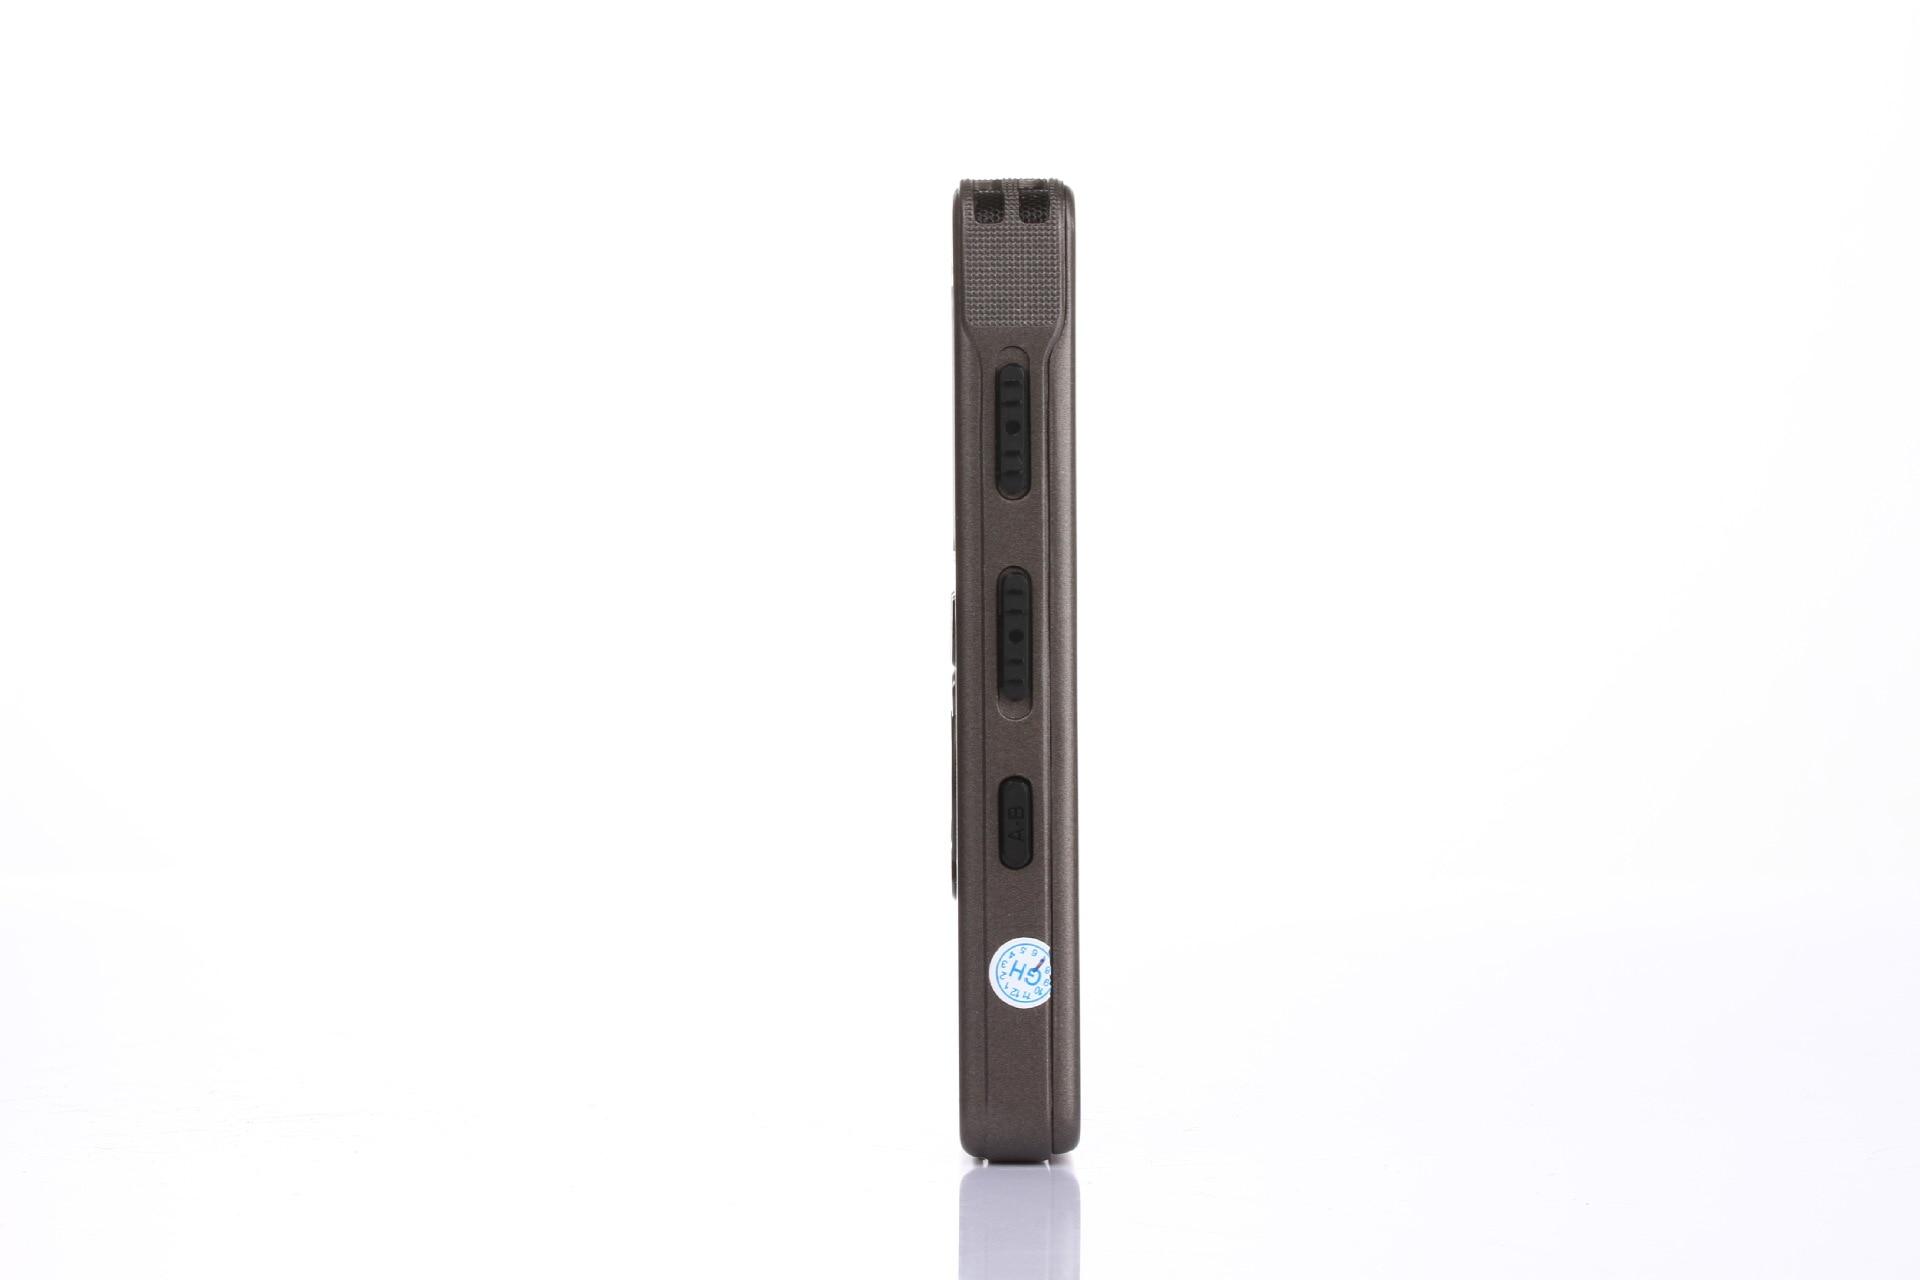 8 GB 16 GB 32 GB professionnel réduction du bruit enregistreur vocal numérique intelligent enregistrement HD à distance WAV MP3 enregistreur Audio son HIFI - 4